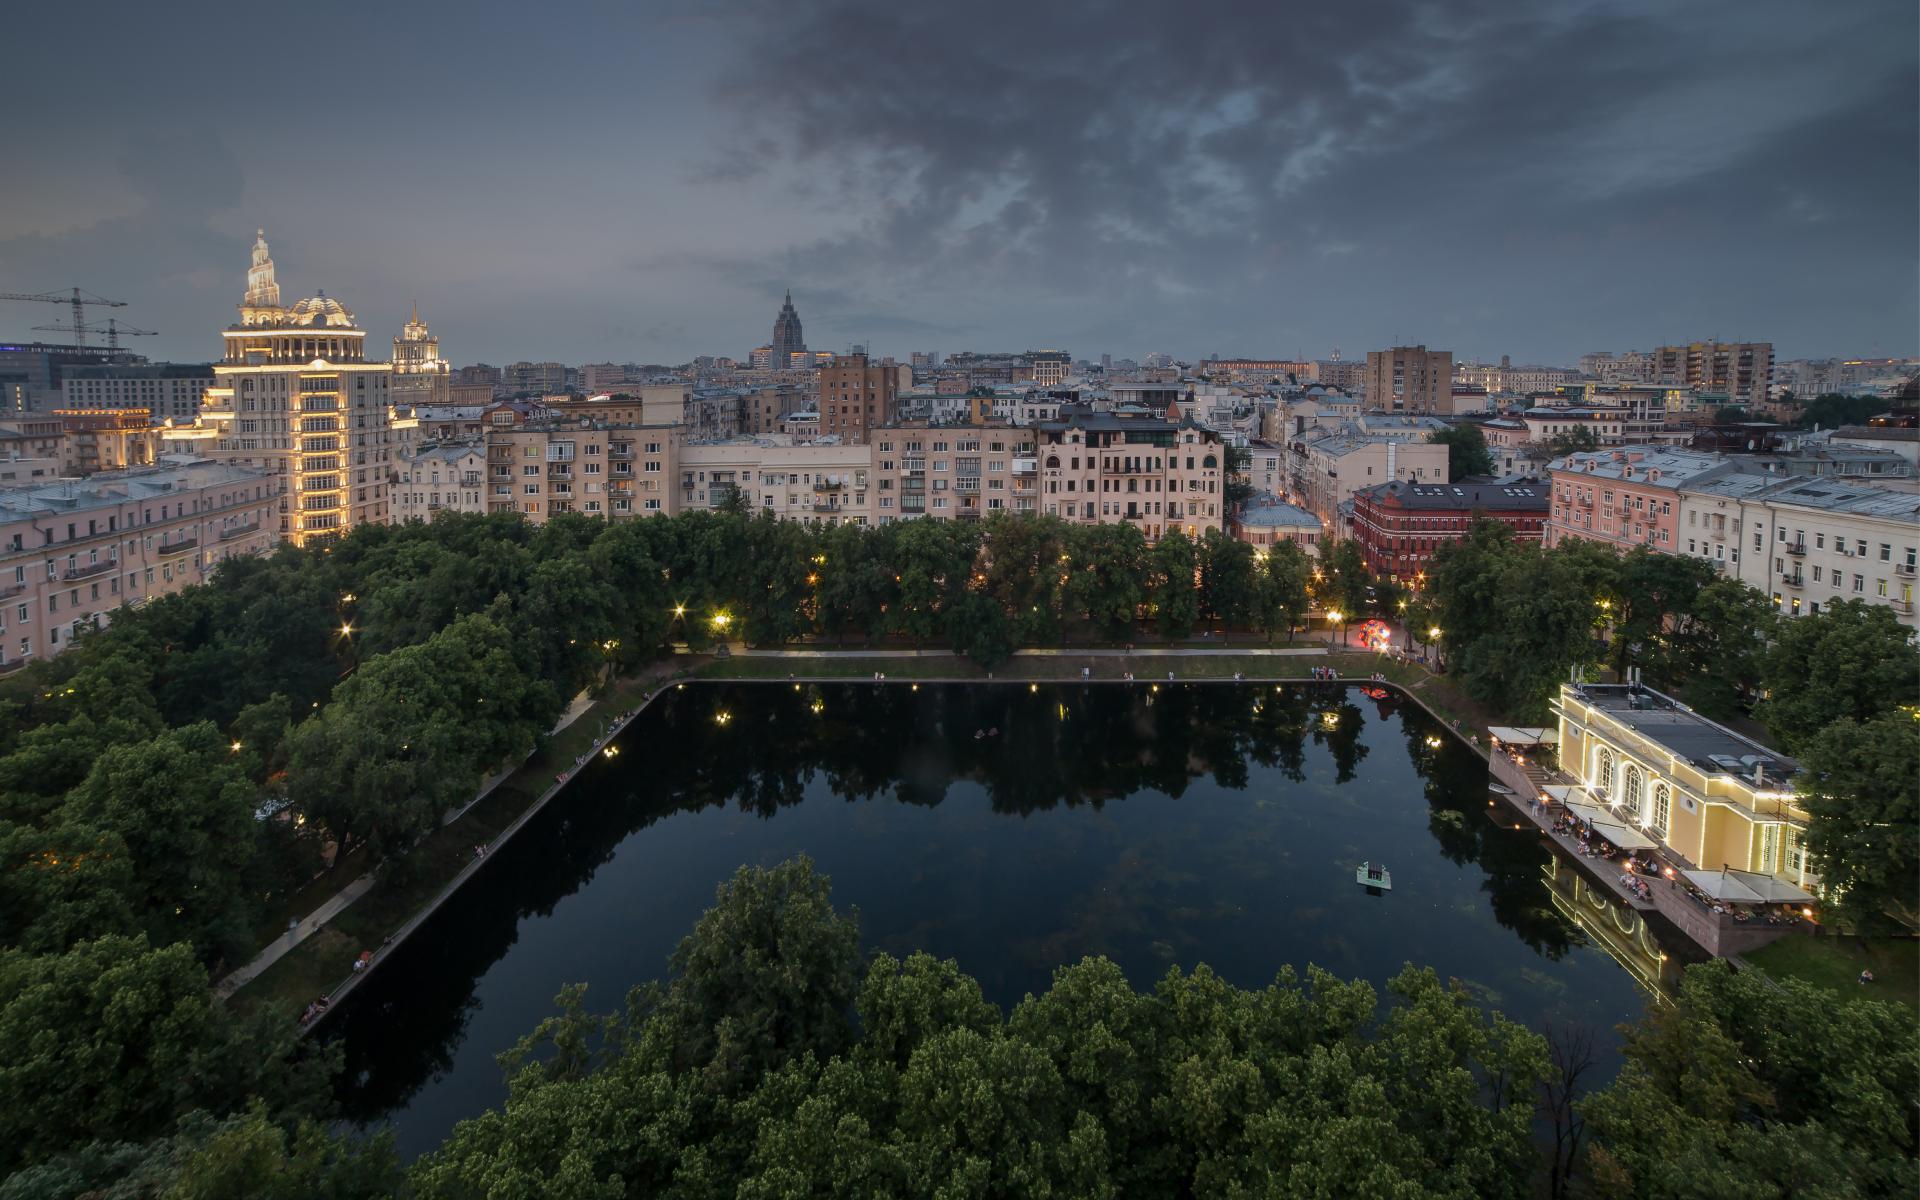 Вид на Патриаршие пруды в Москве